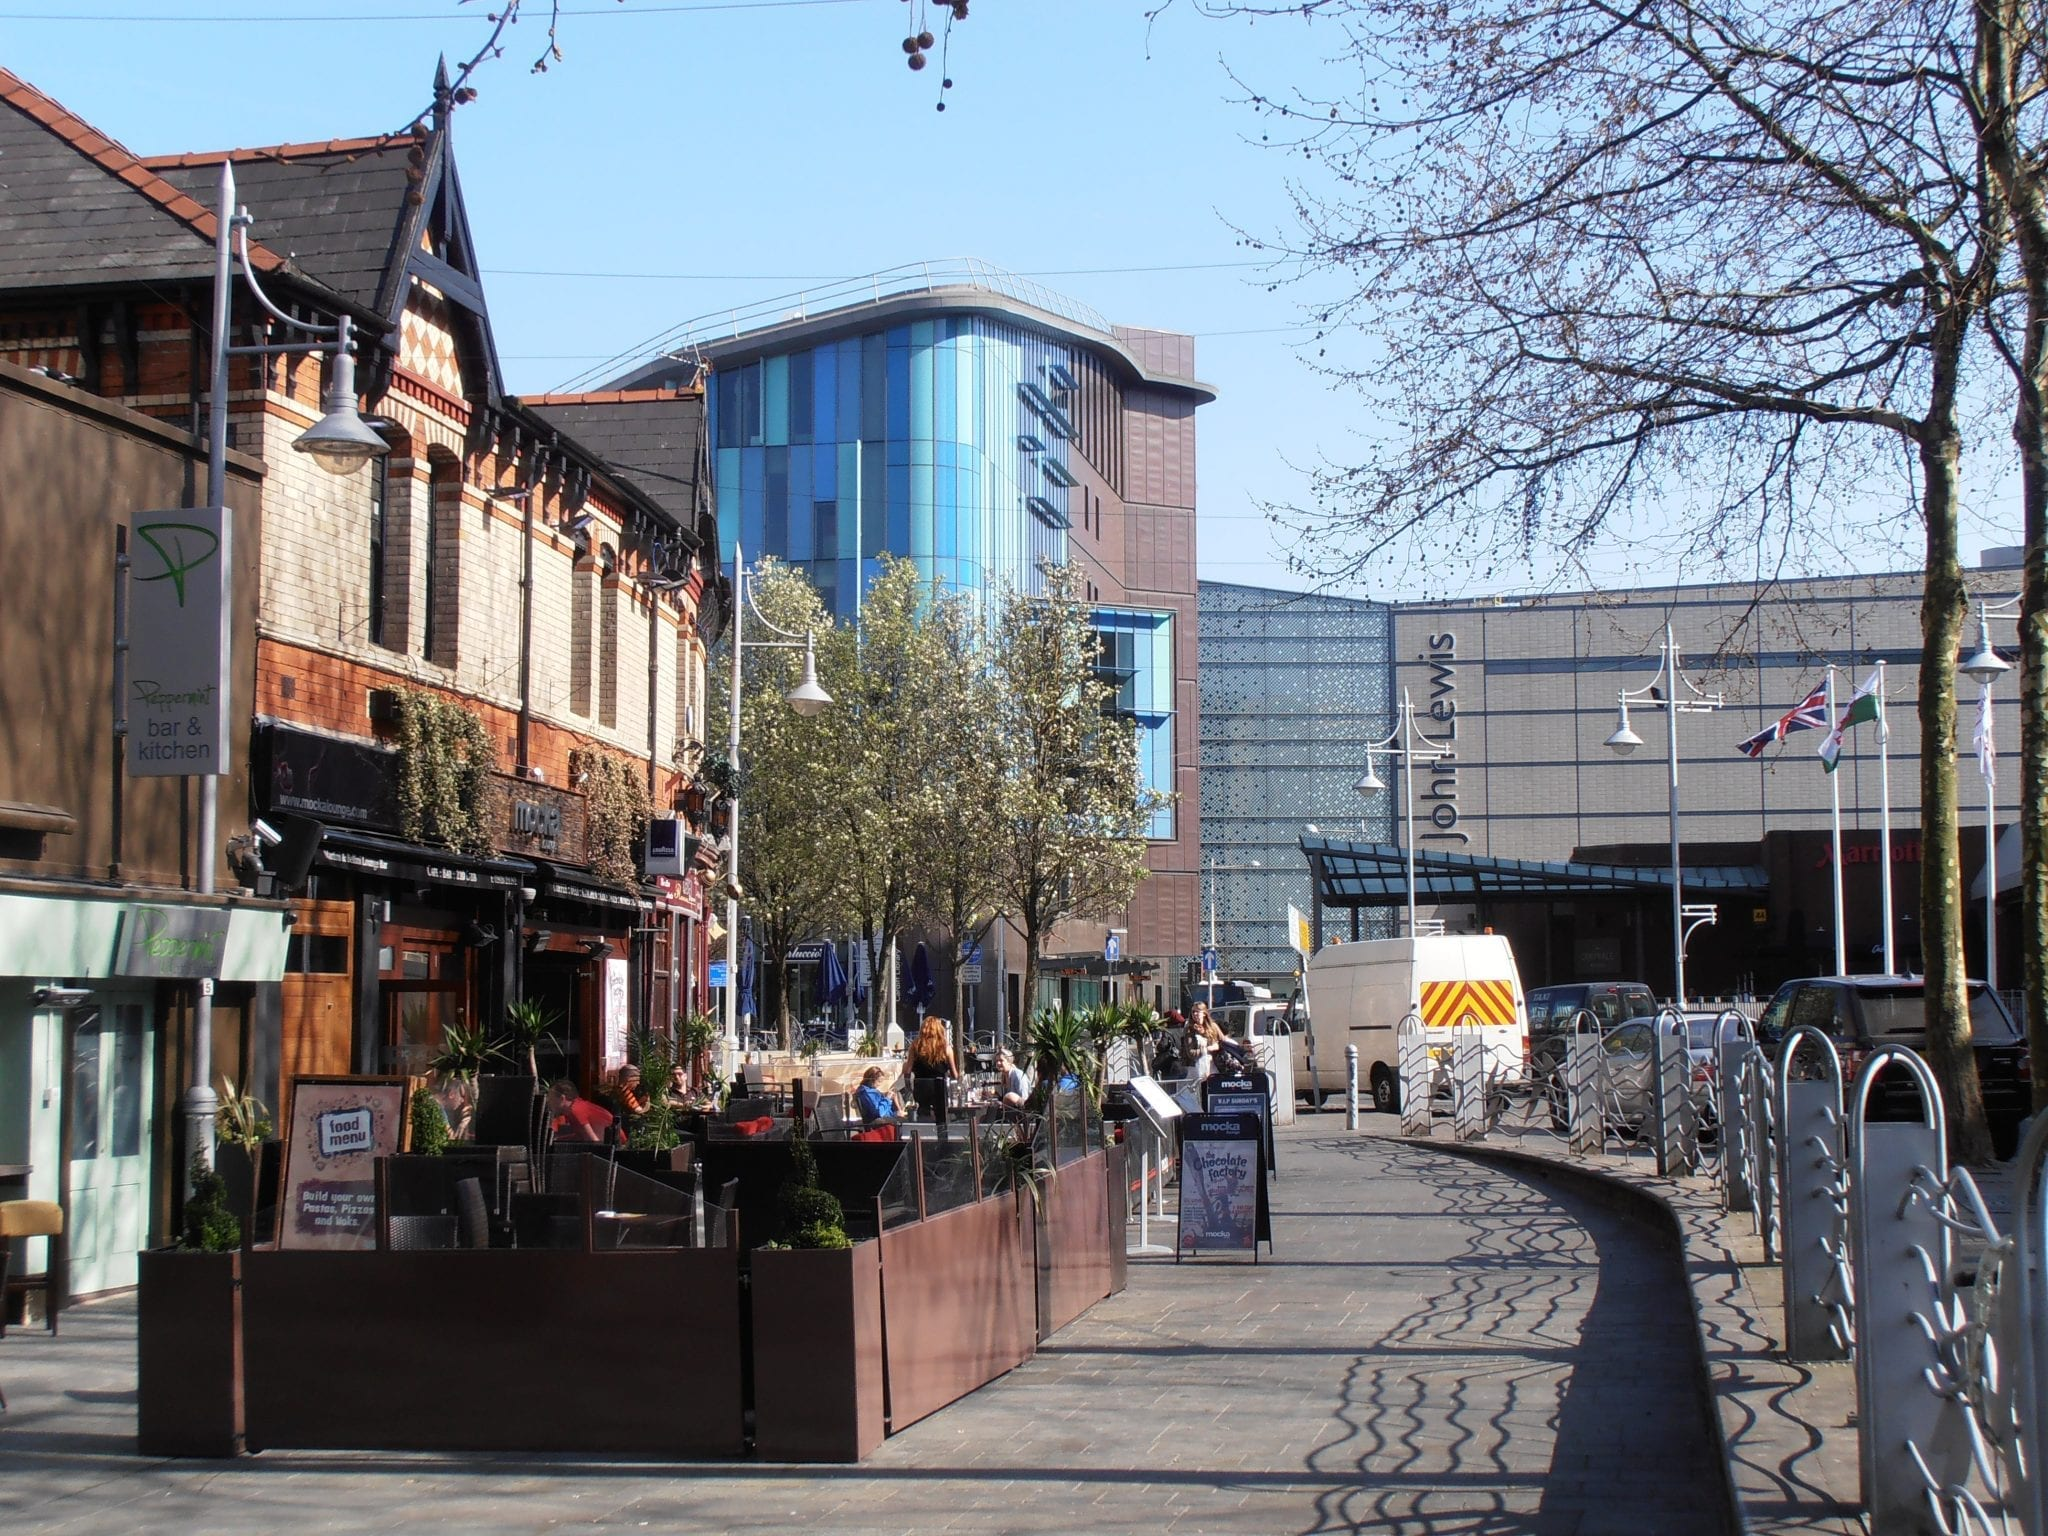 Mill Lane Cardiff una ciudad de Gales. busca ofertas de alojamiento y empleo en cardiff